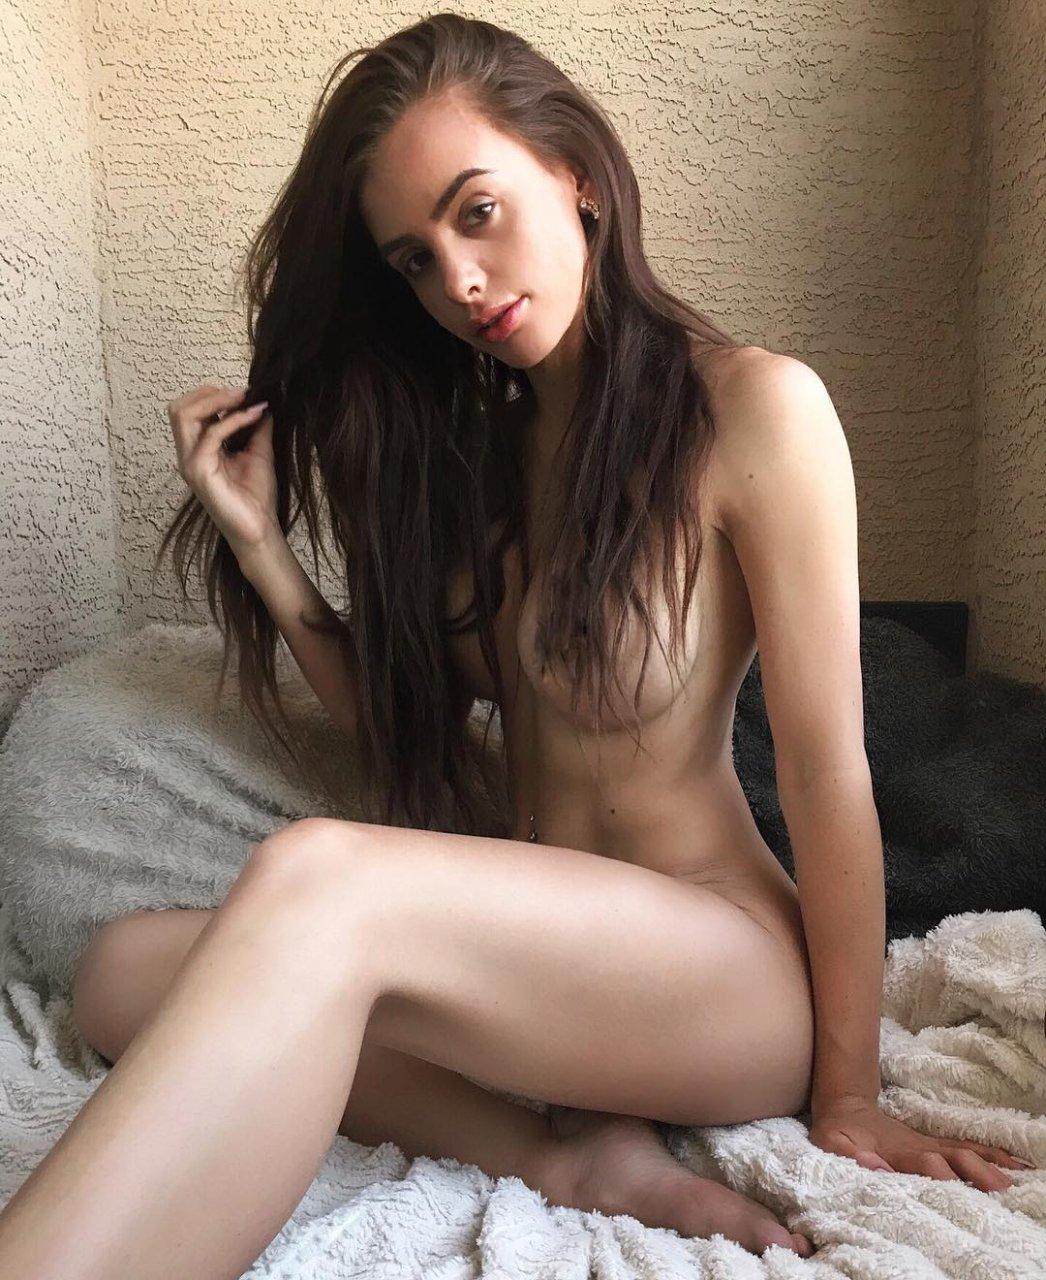 Allison parker topless